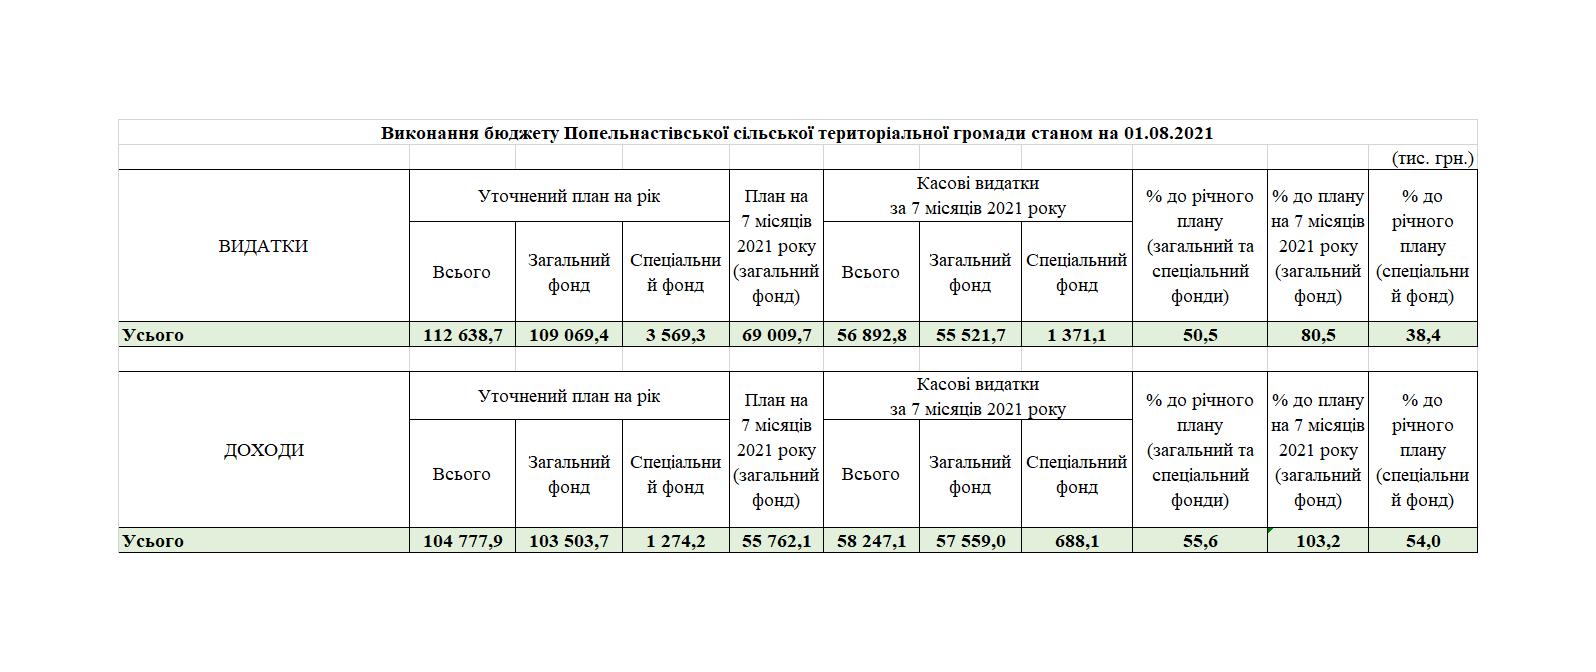 Виконання бюджету Попельнастівської сільської територіальної громади станом на 01.08.2021